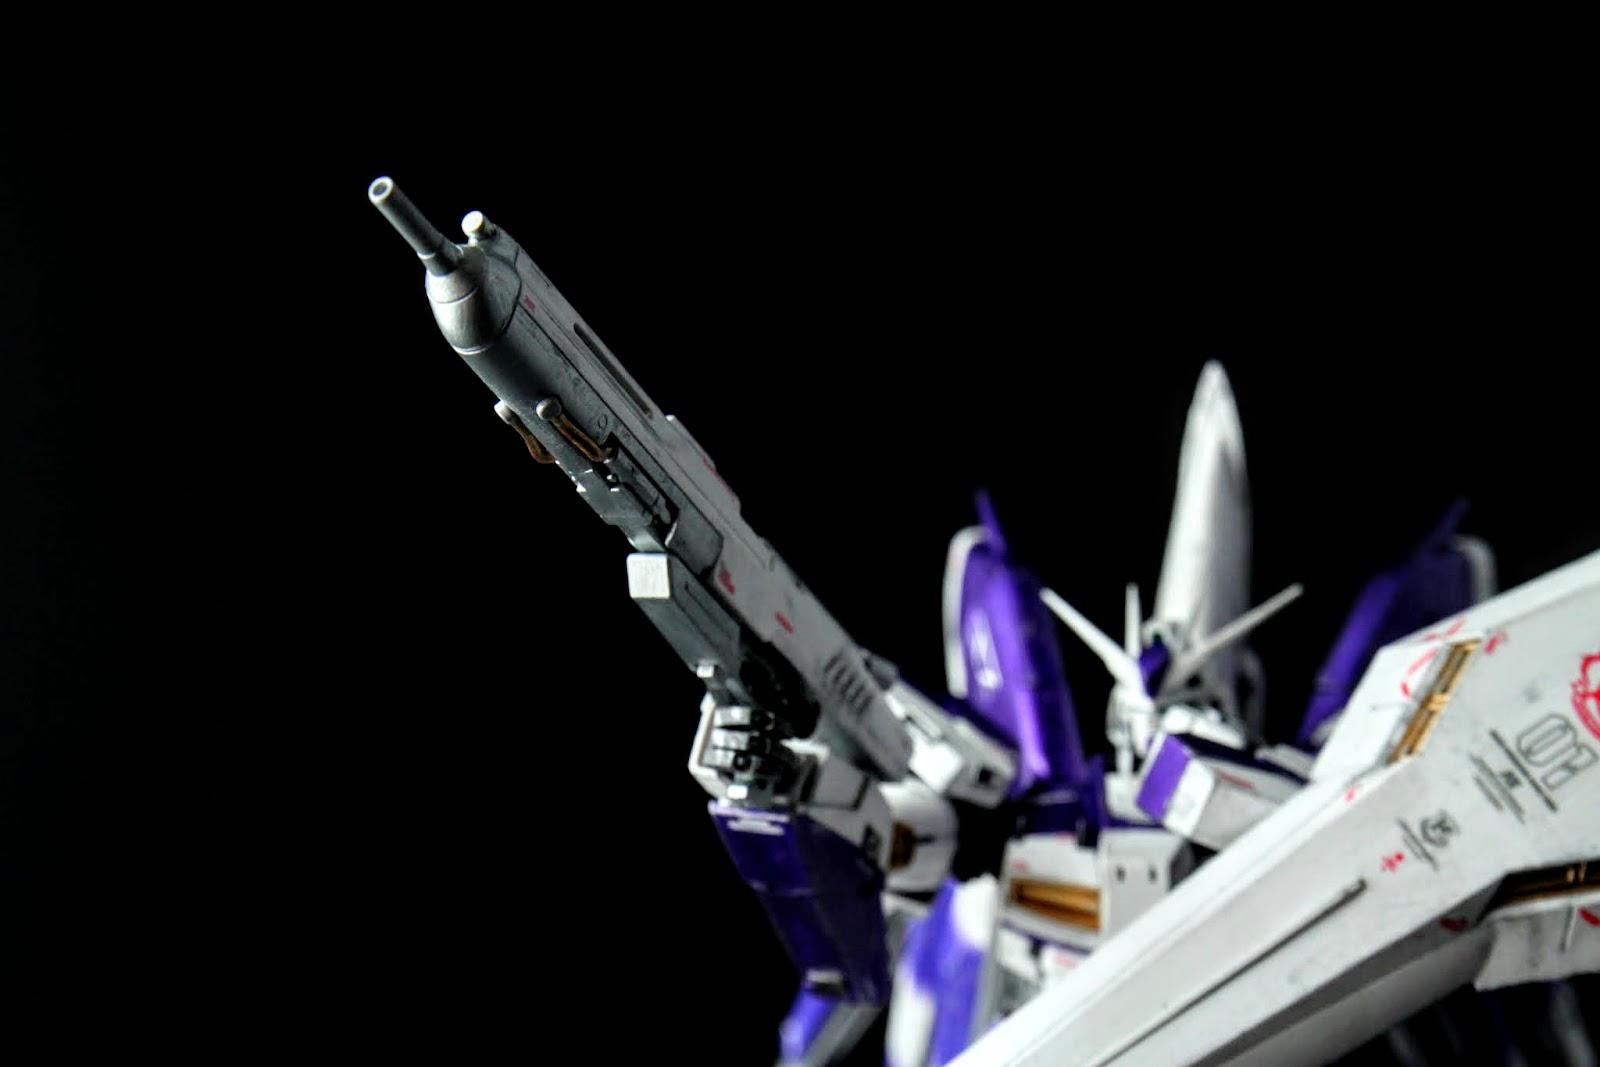 槍的造型很像注射筒,這造型跟07年版差不多,不過組合方式跟零件完全不同